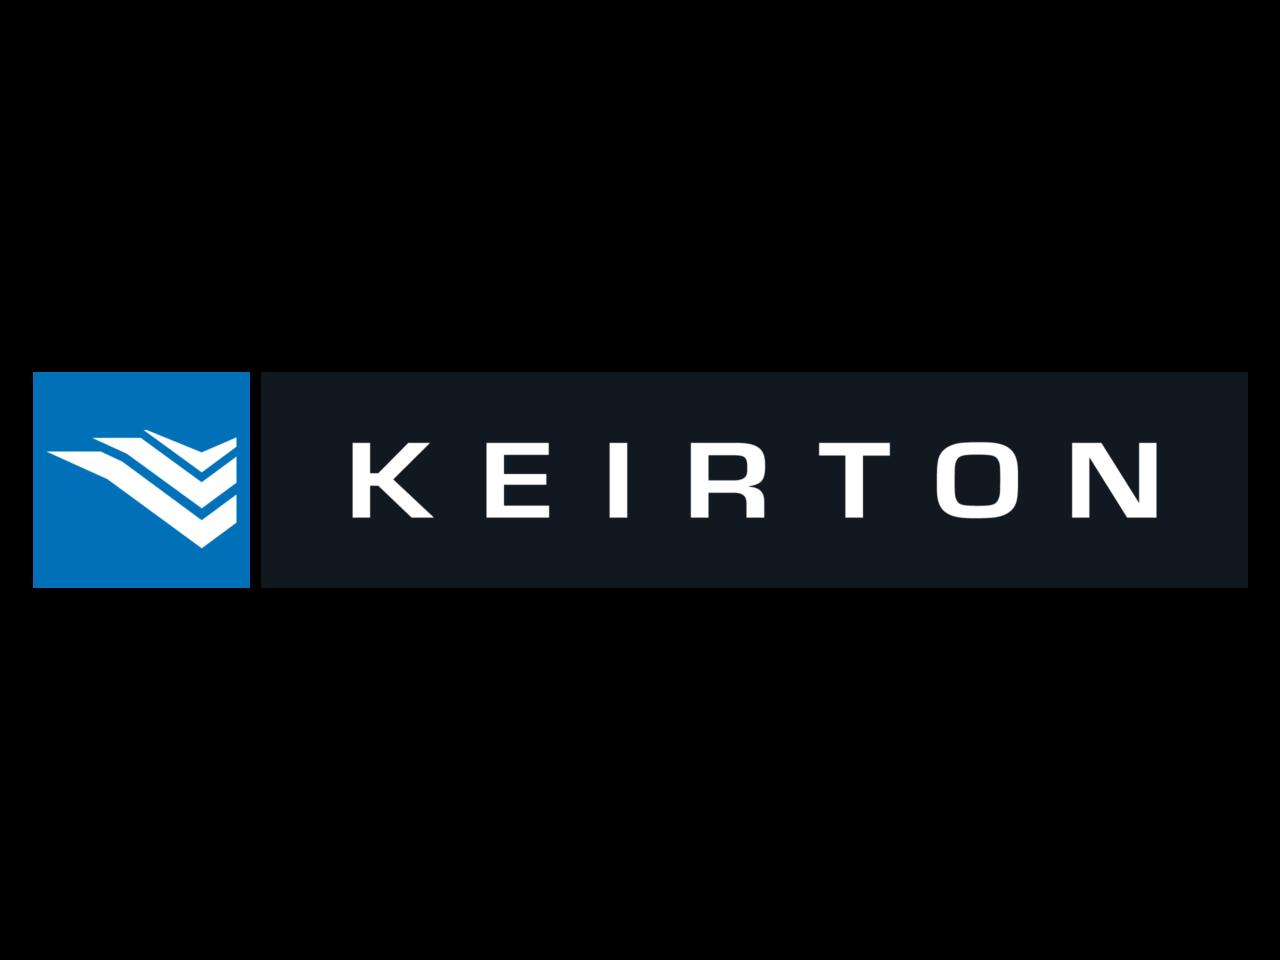 Keirton_RGB-1280x960.png